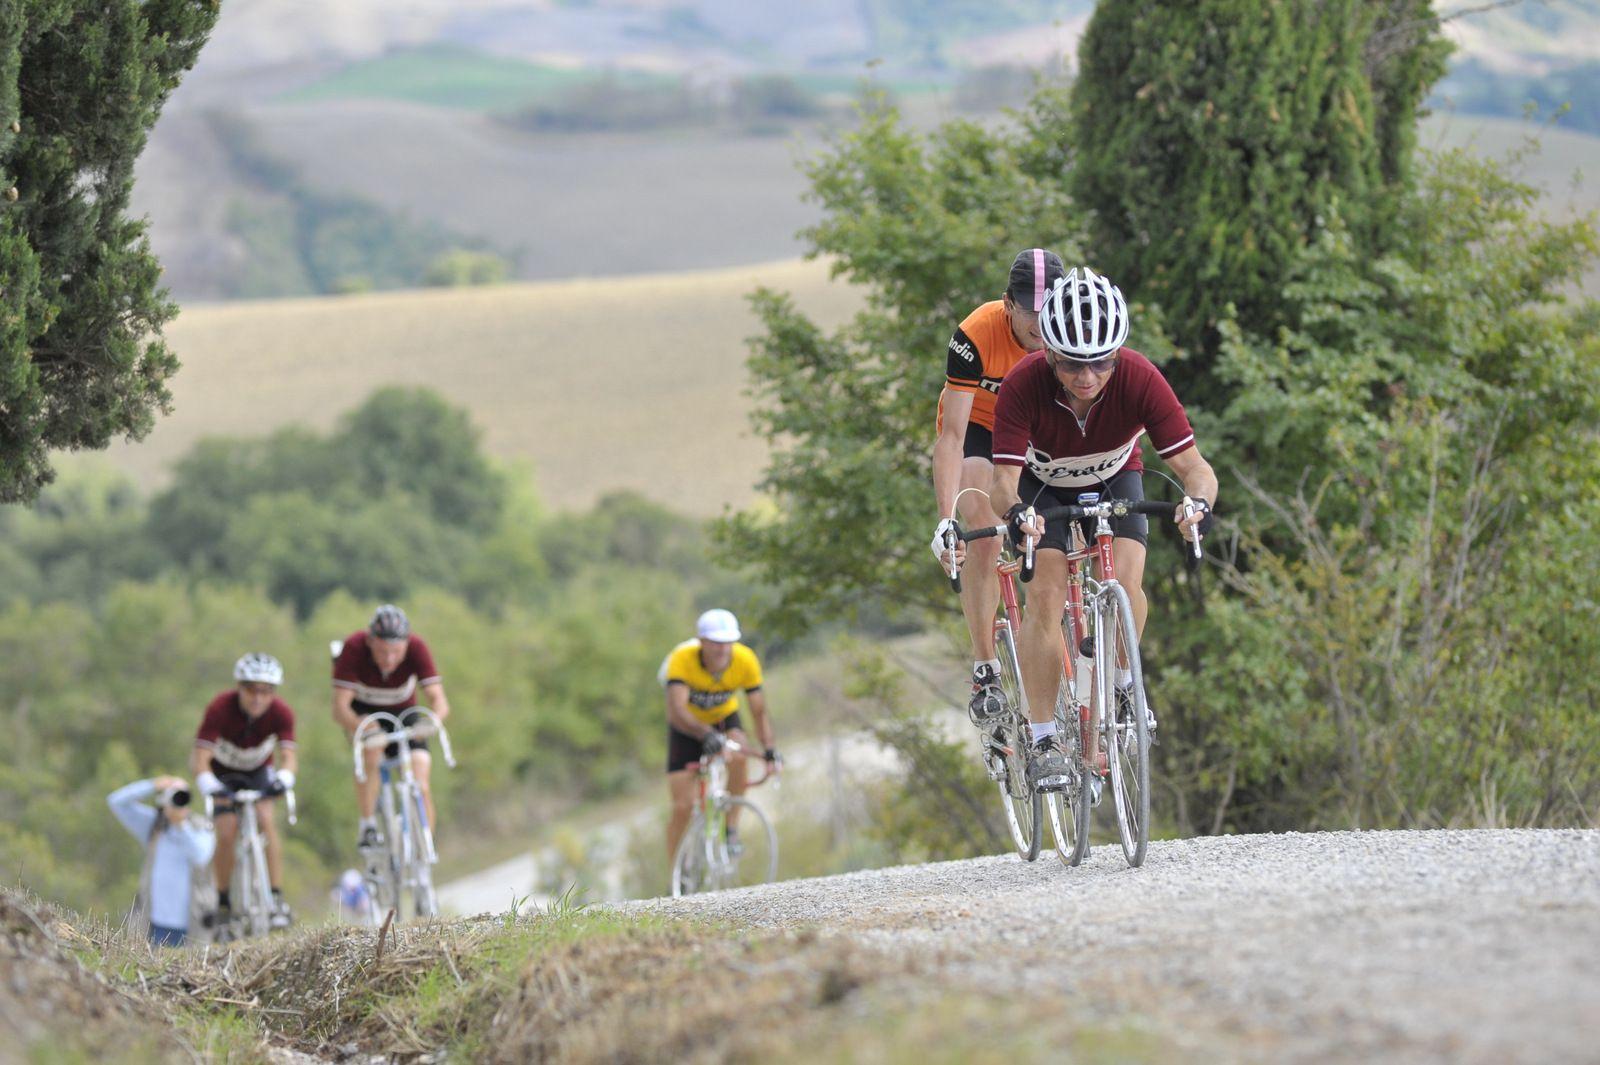 Il favoloso popolo dell'Eroica tira a lucido le amatissime biciclette vintage per l'appuntamento con Gaiole in Chianti e la passione per il ciclismo intramontabile dei campioni che ne hanno scritto la magnifica storia infinita.   Appuntamento il 5 ottobre. Ecco programma e ultime info  http://www.mondociclismo.com/eroica-il-5-ottobre-oltre-cinquemila-partecipanti-programma-e-info-utili-20140914.htm  #Eroica #Eroica2014 #ciclismo #ciclismostorico